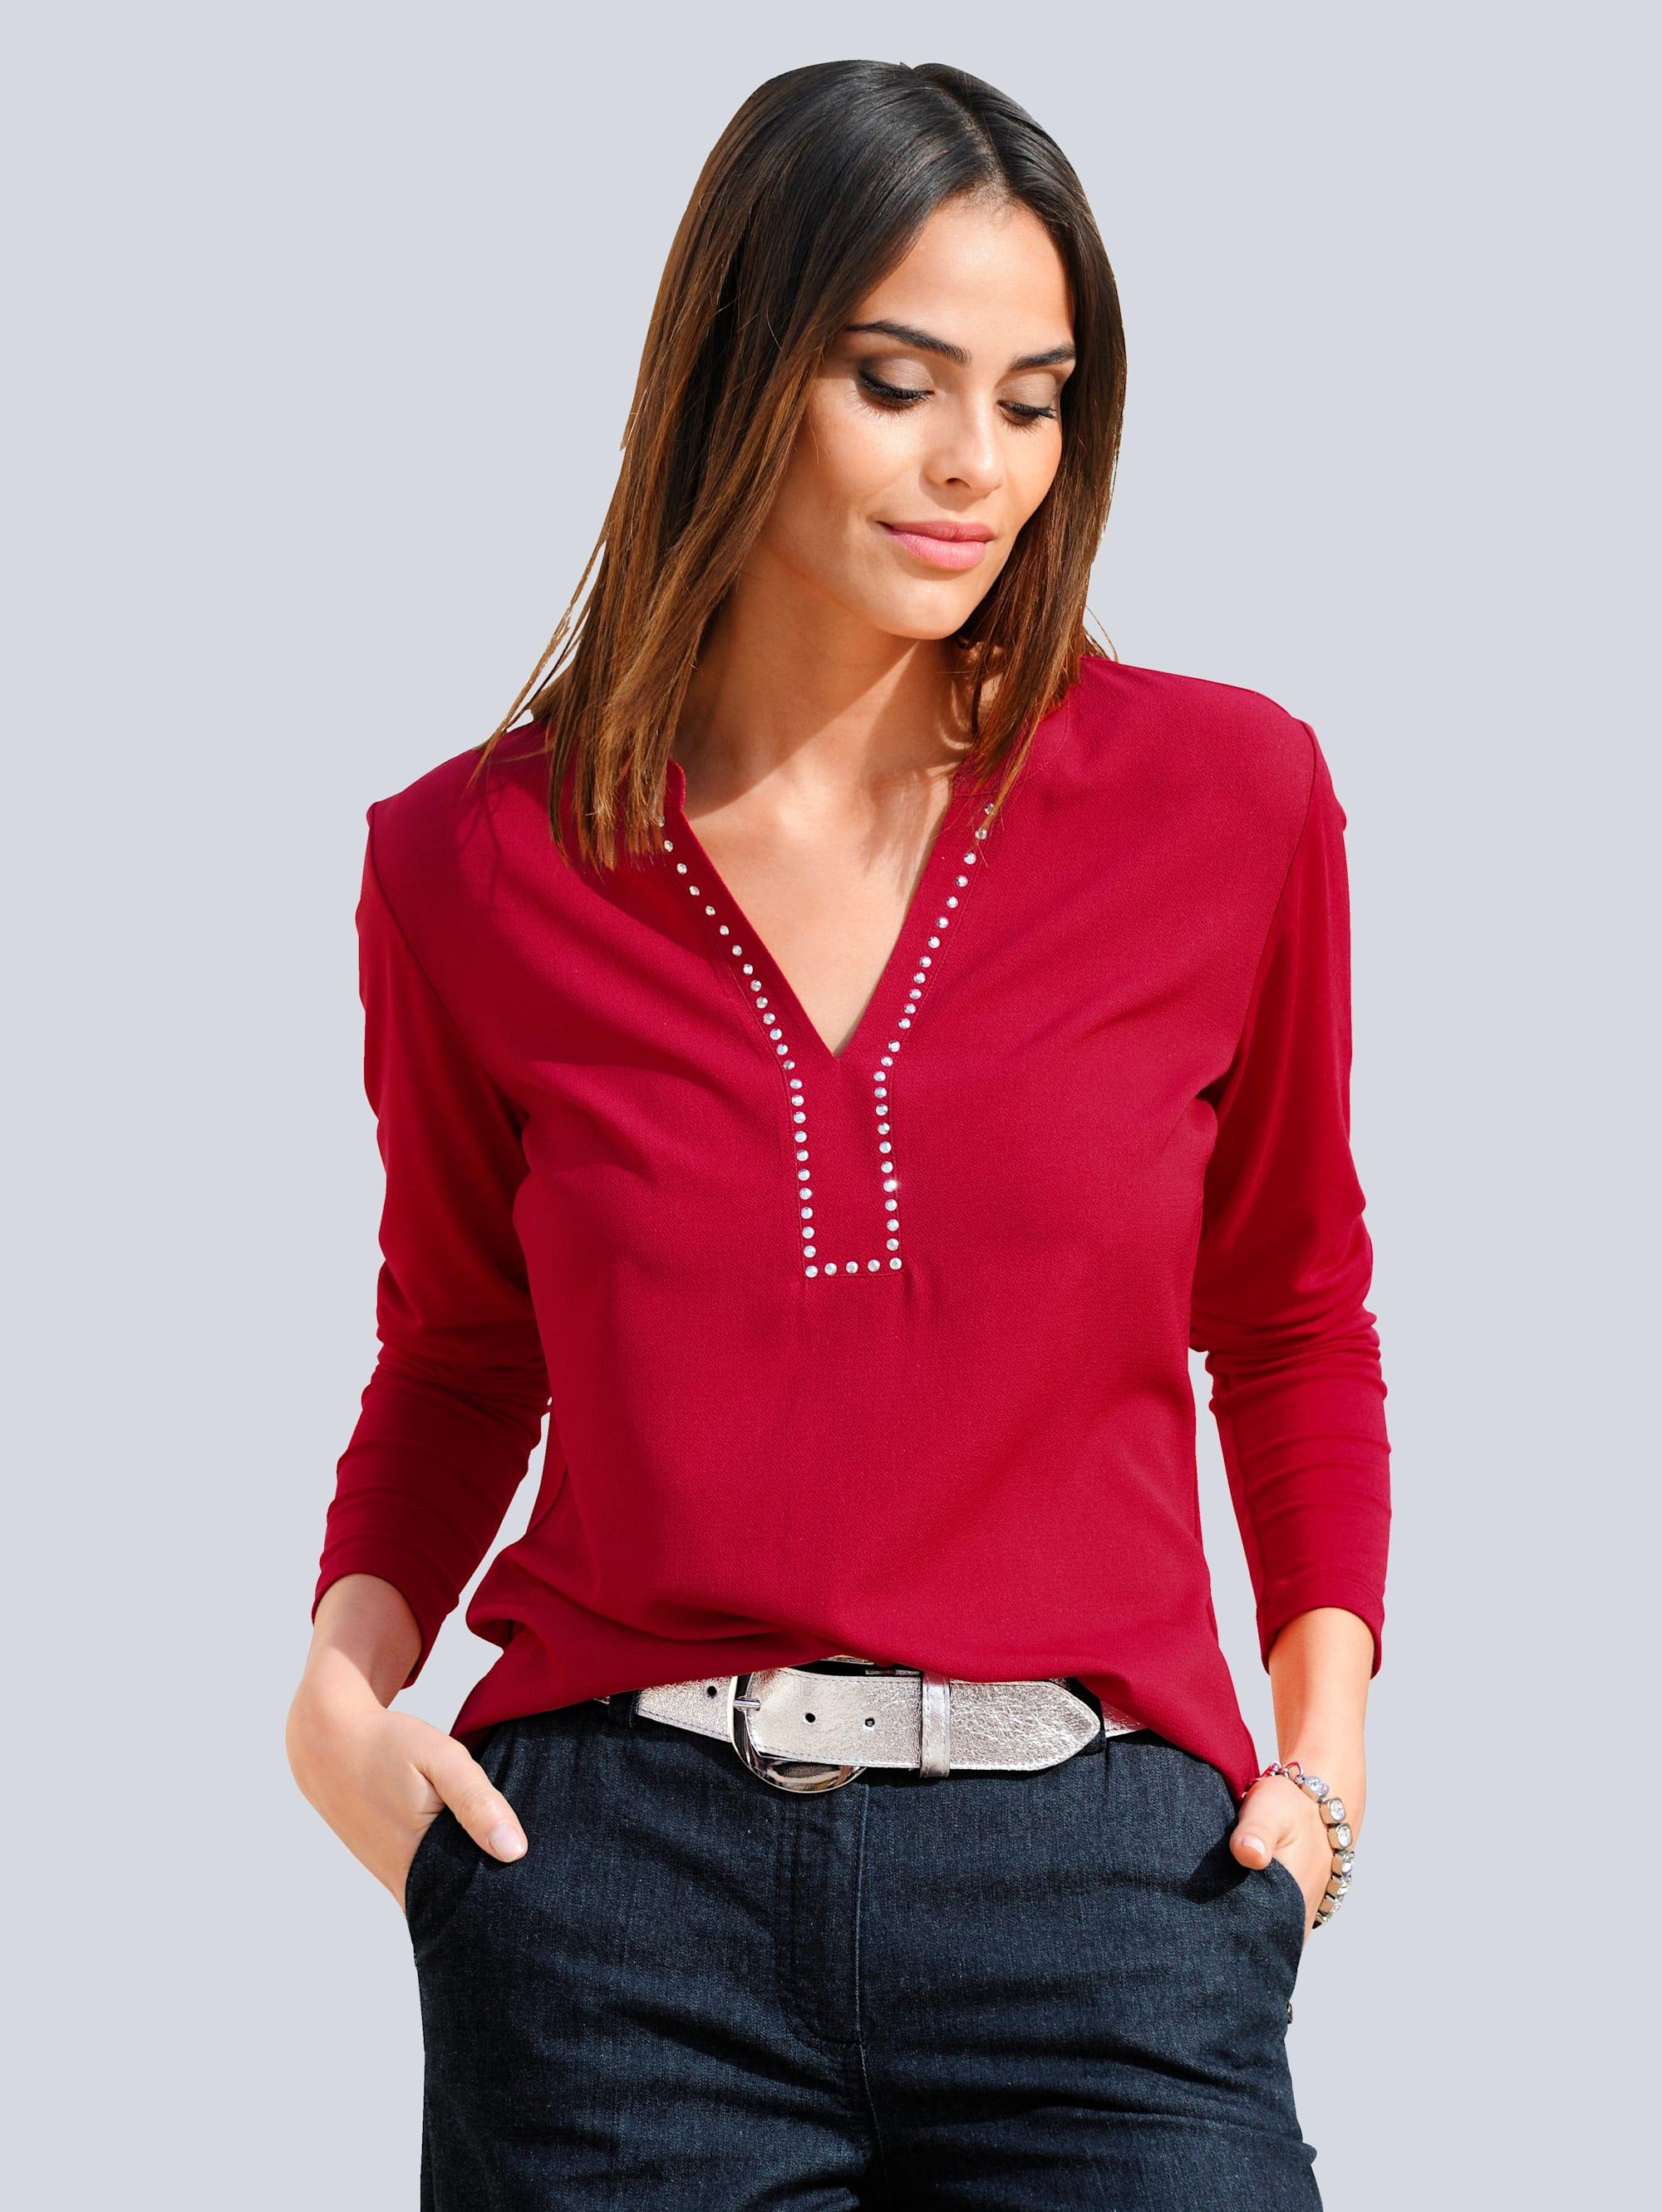 Alba Moda Shirt in kombinierfreundlicher Farbstellung 2O662 gbFLk